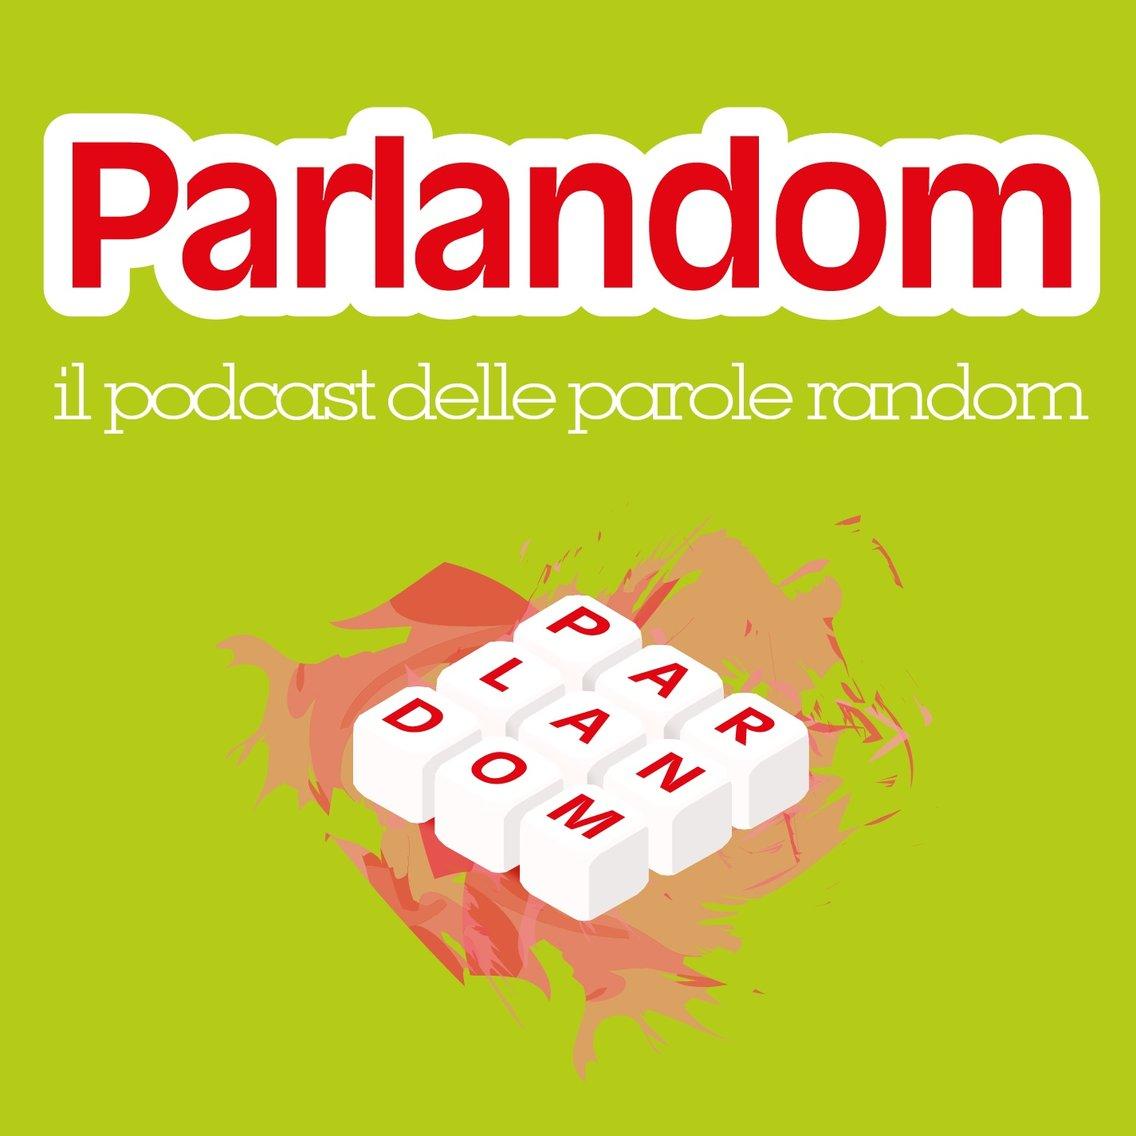 Parlandom - parole random - imagen de portada